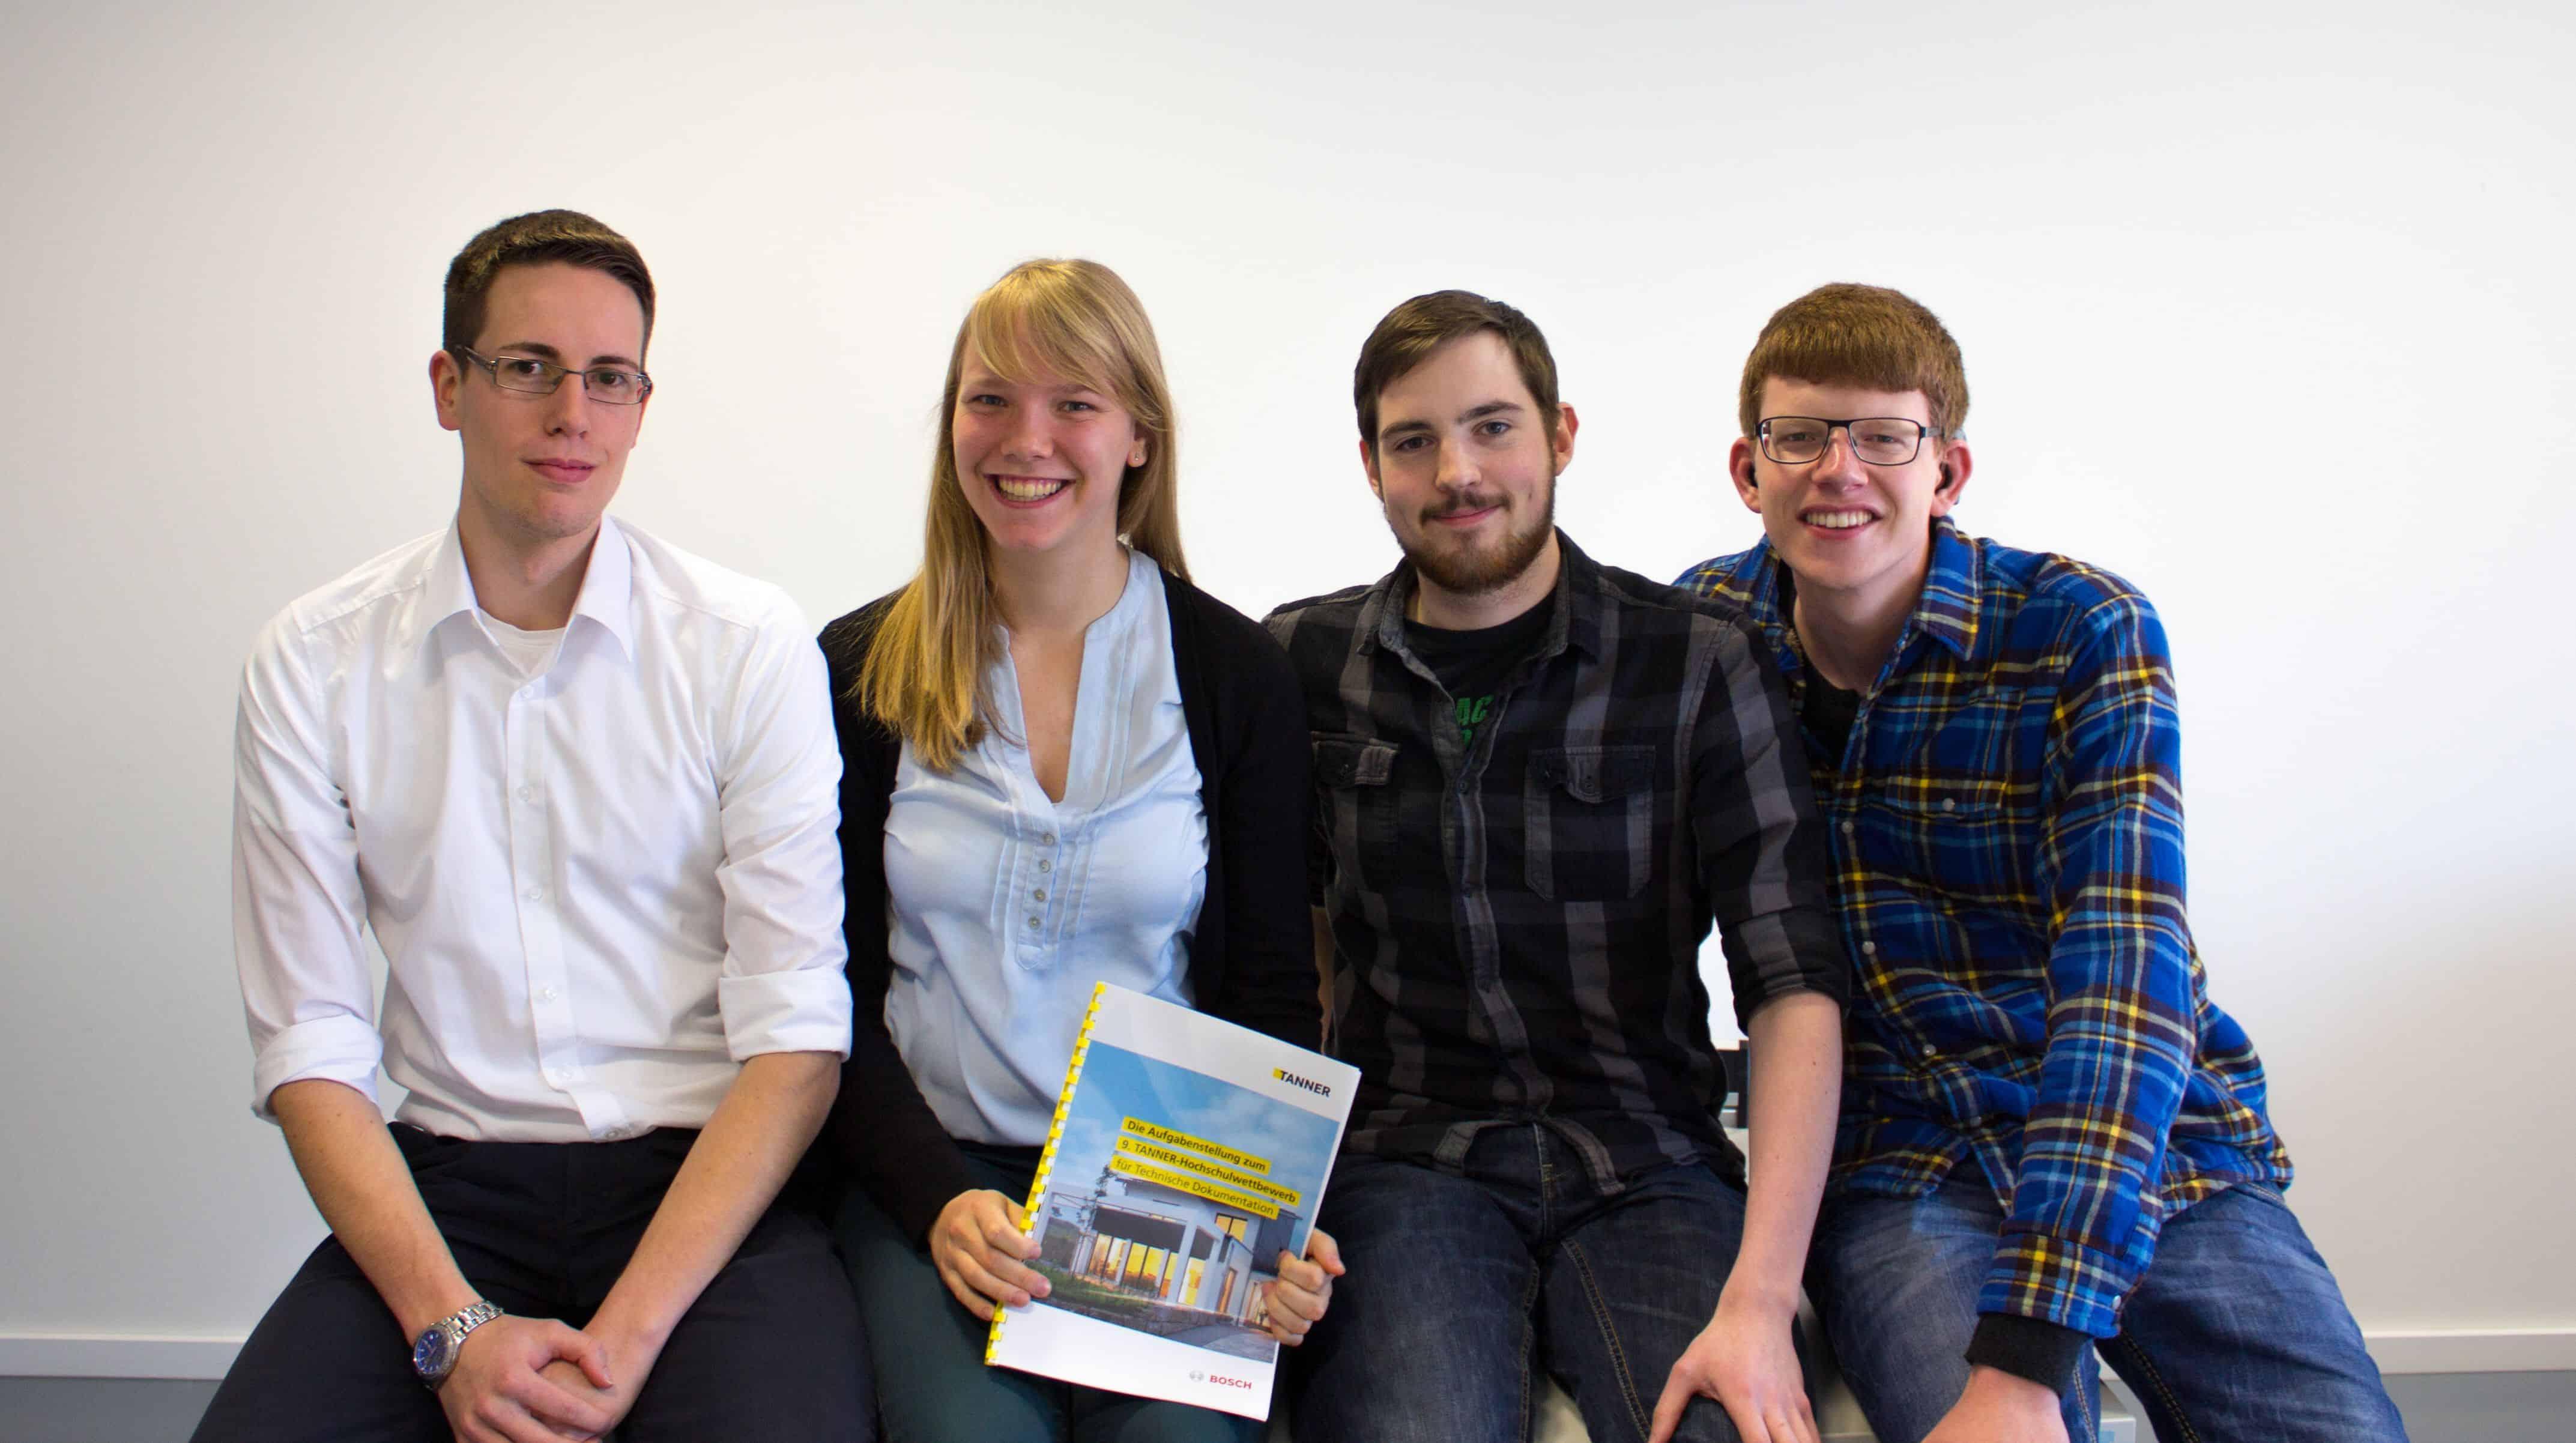 Team Maier der Hochschule für angewandte Wissenschaften München